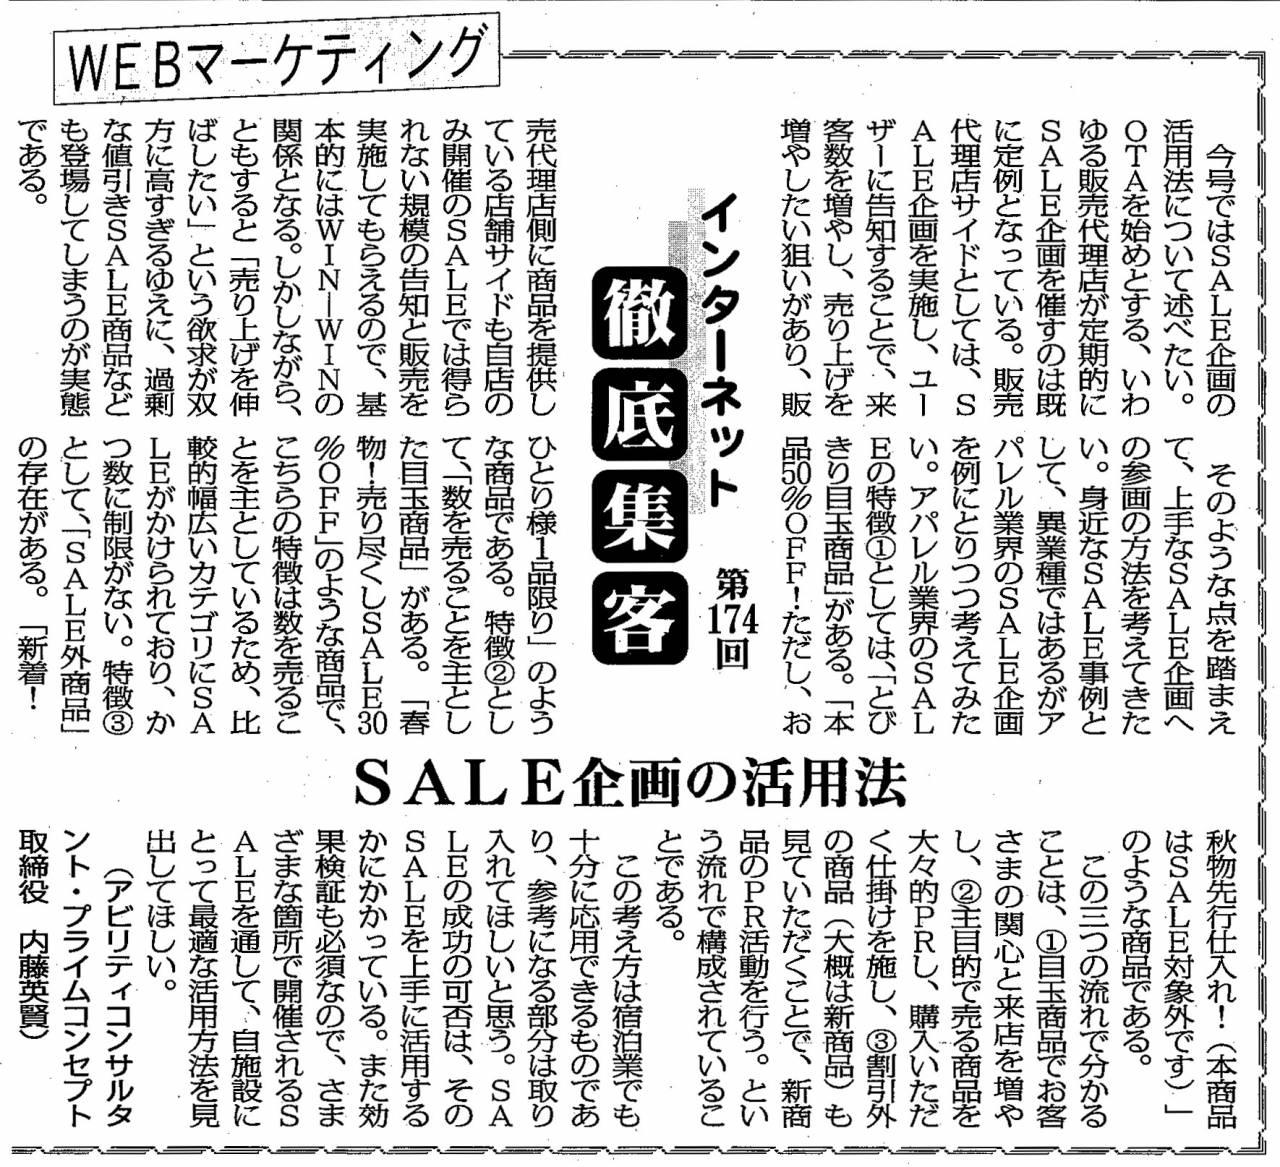 【第174回】WEBマーケティング HPの最新トレンド( SALE企画の活用法)